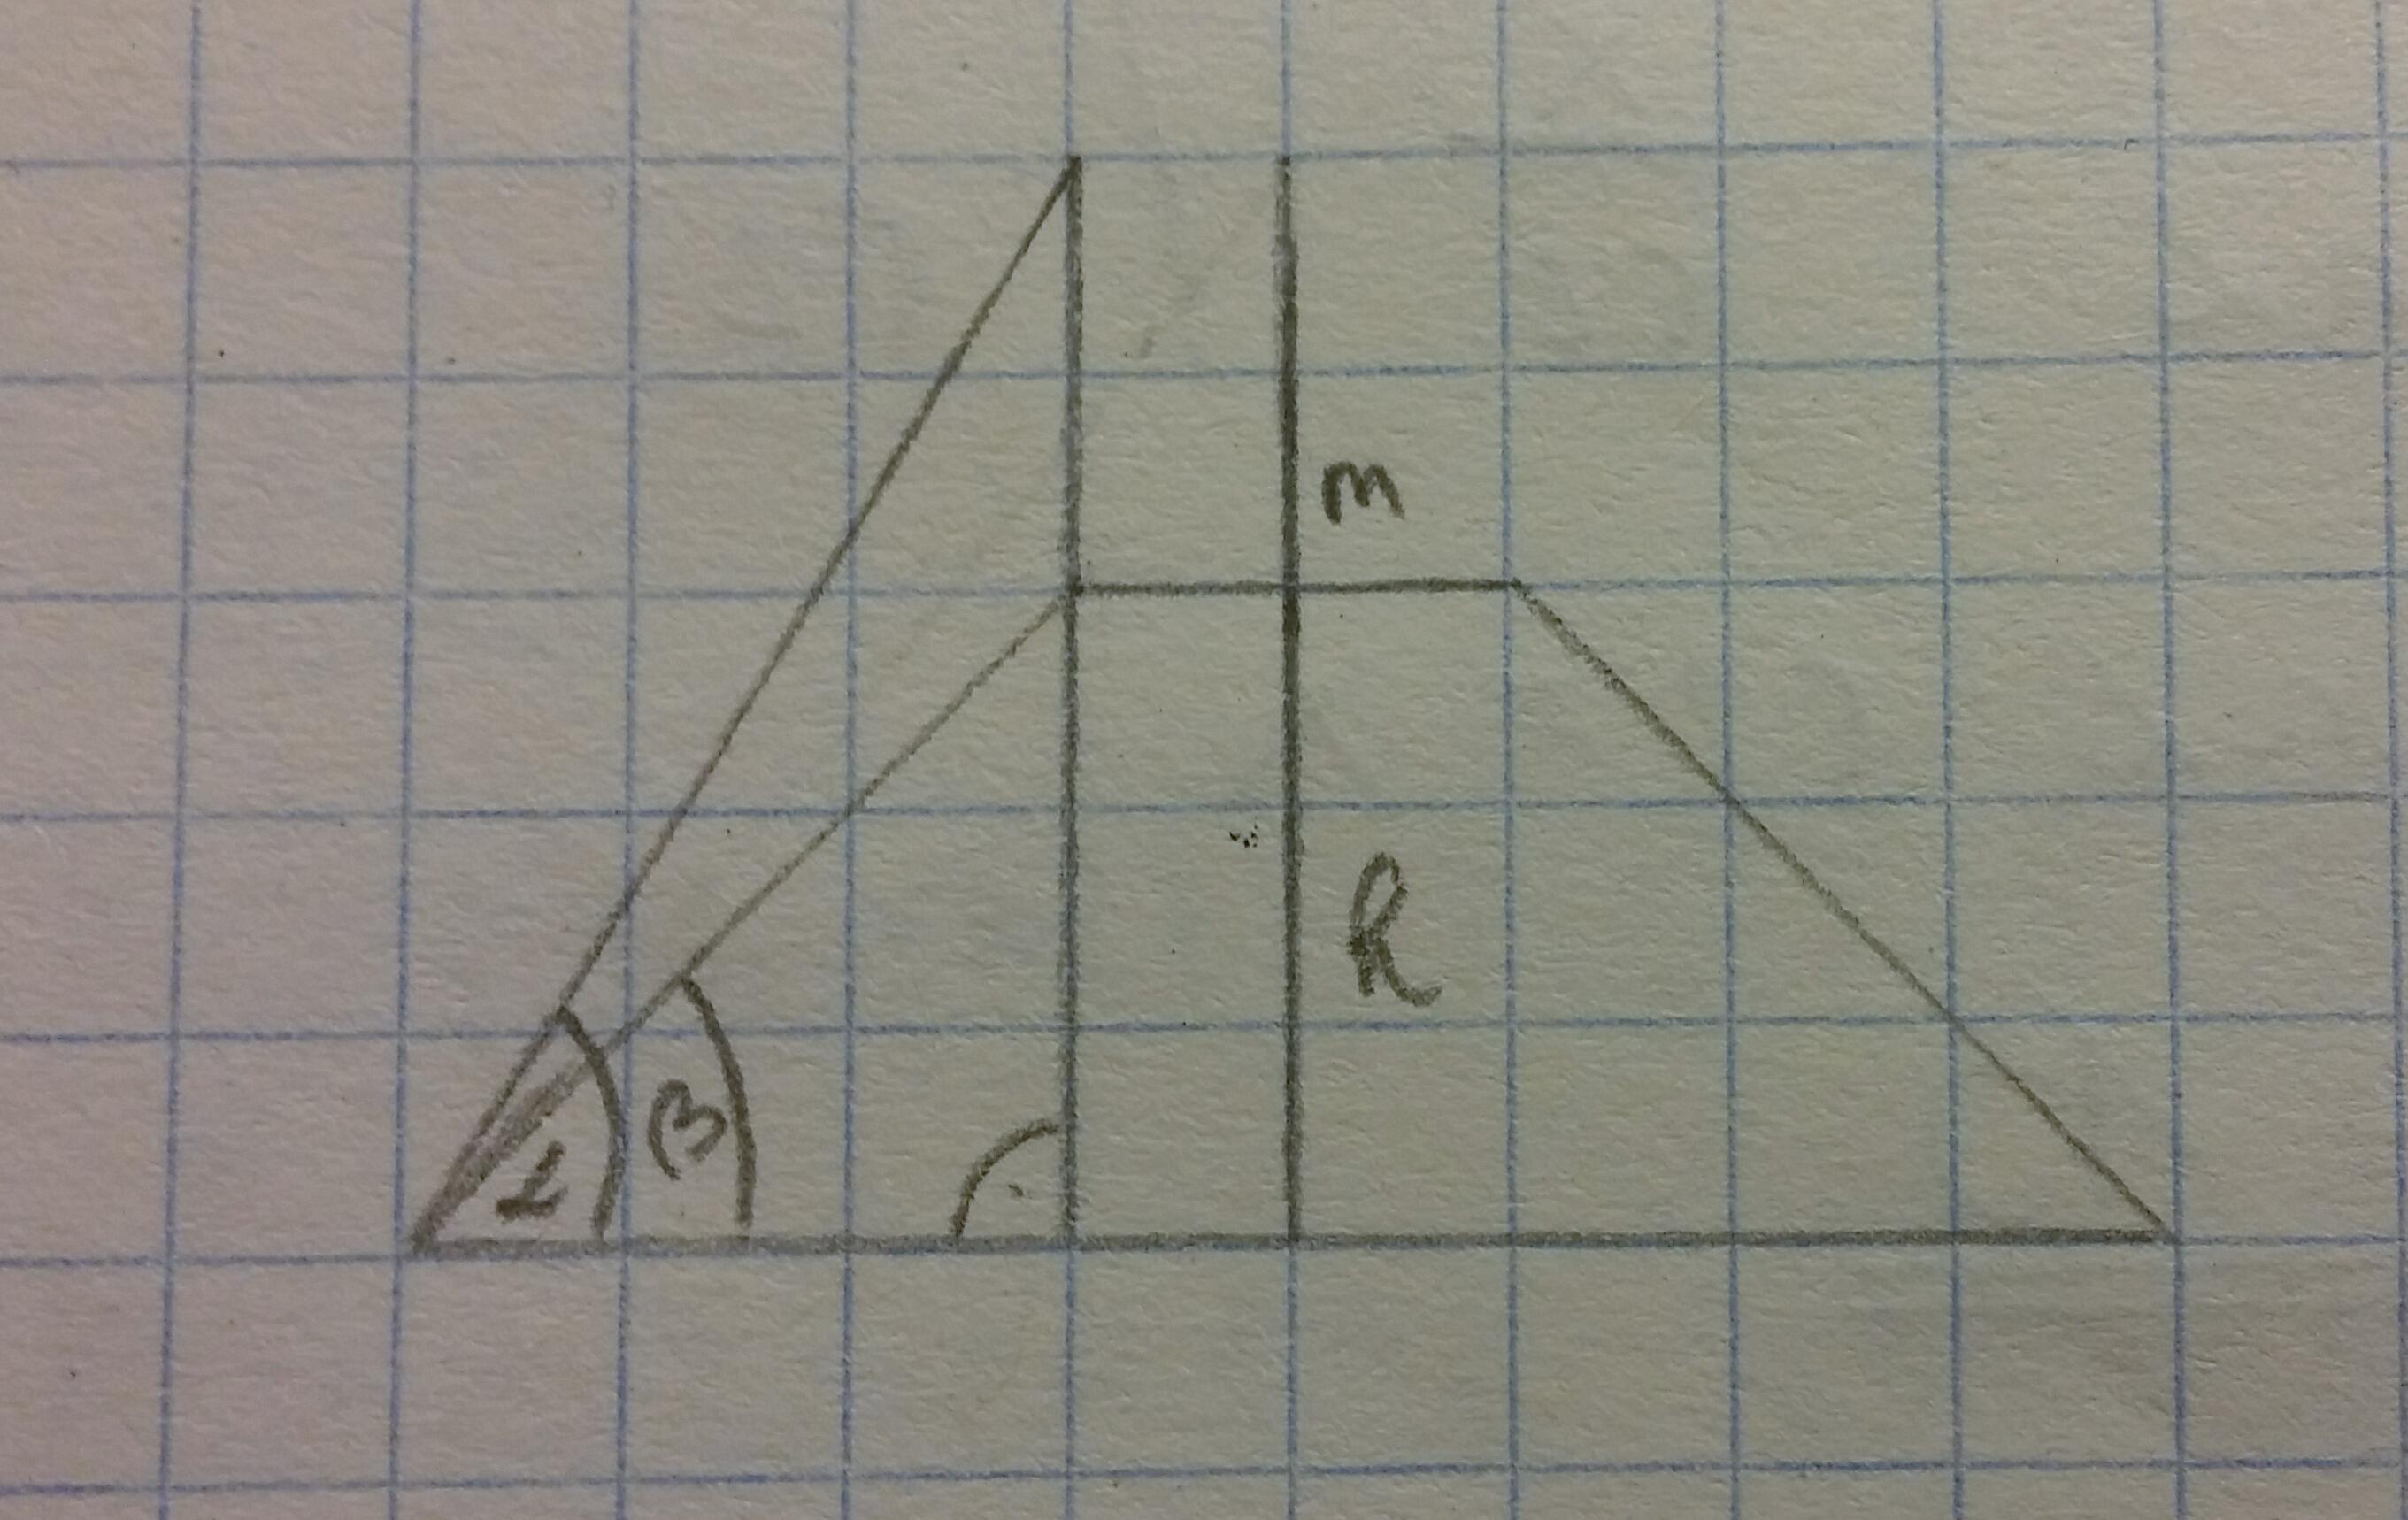 berechnung der h he eines trapez trigonometrie aufgabe. Black Bedroom Furniture Sets. Home Design Ideas